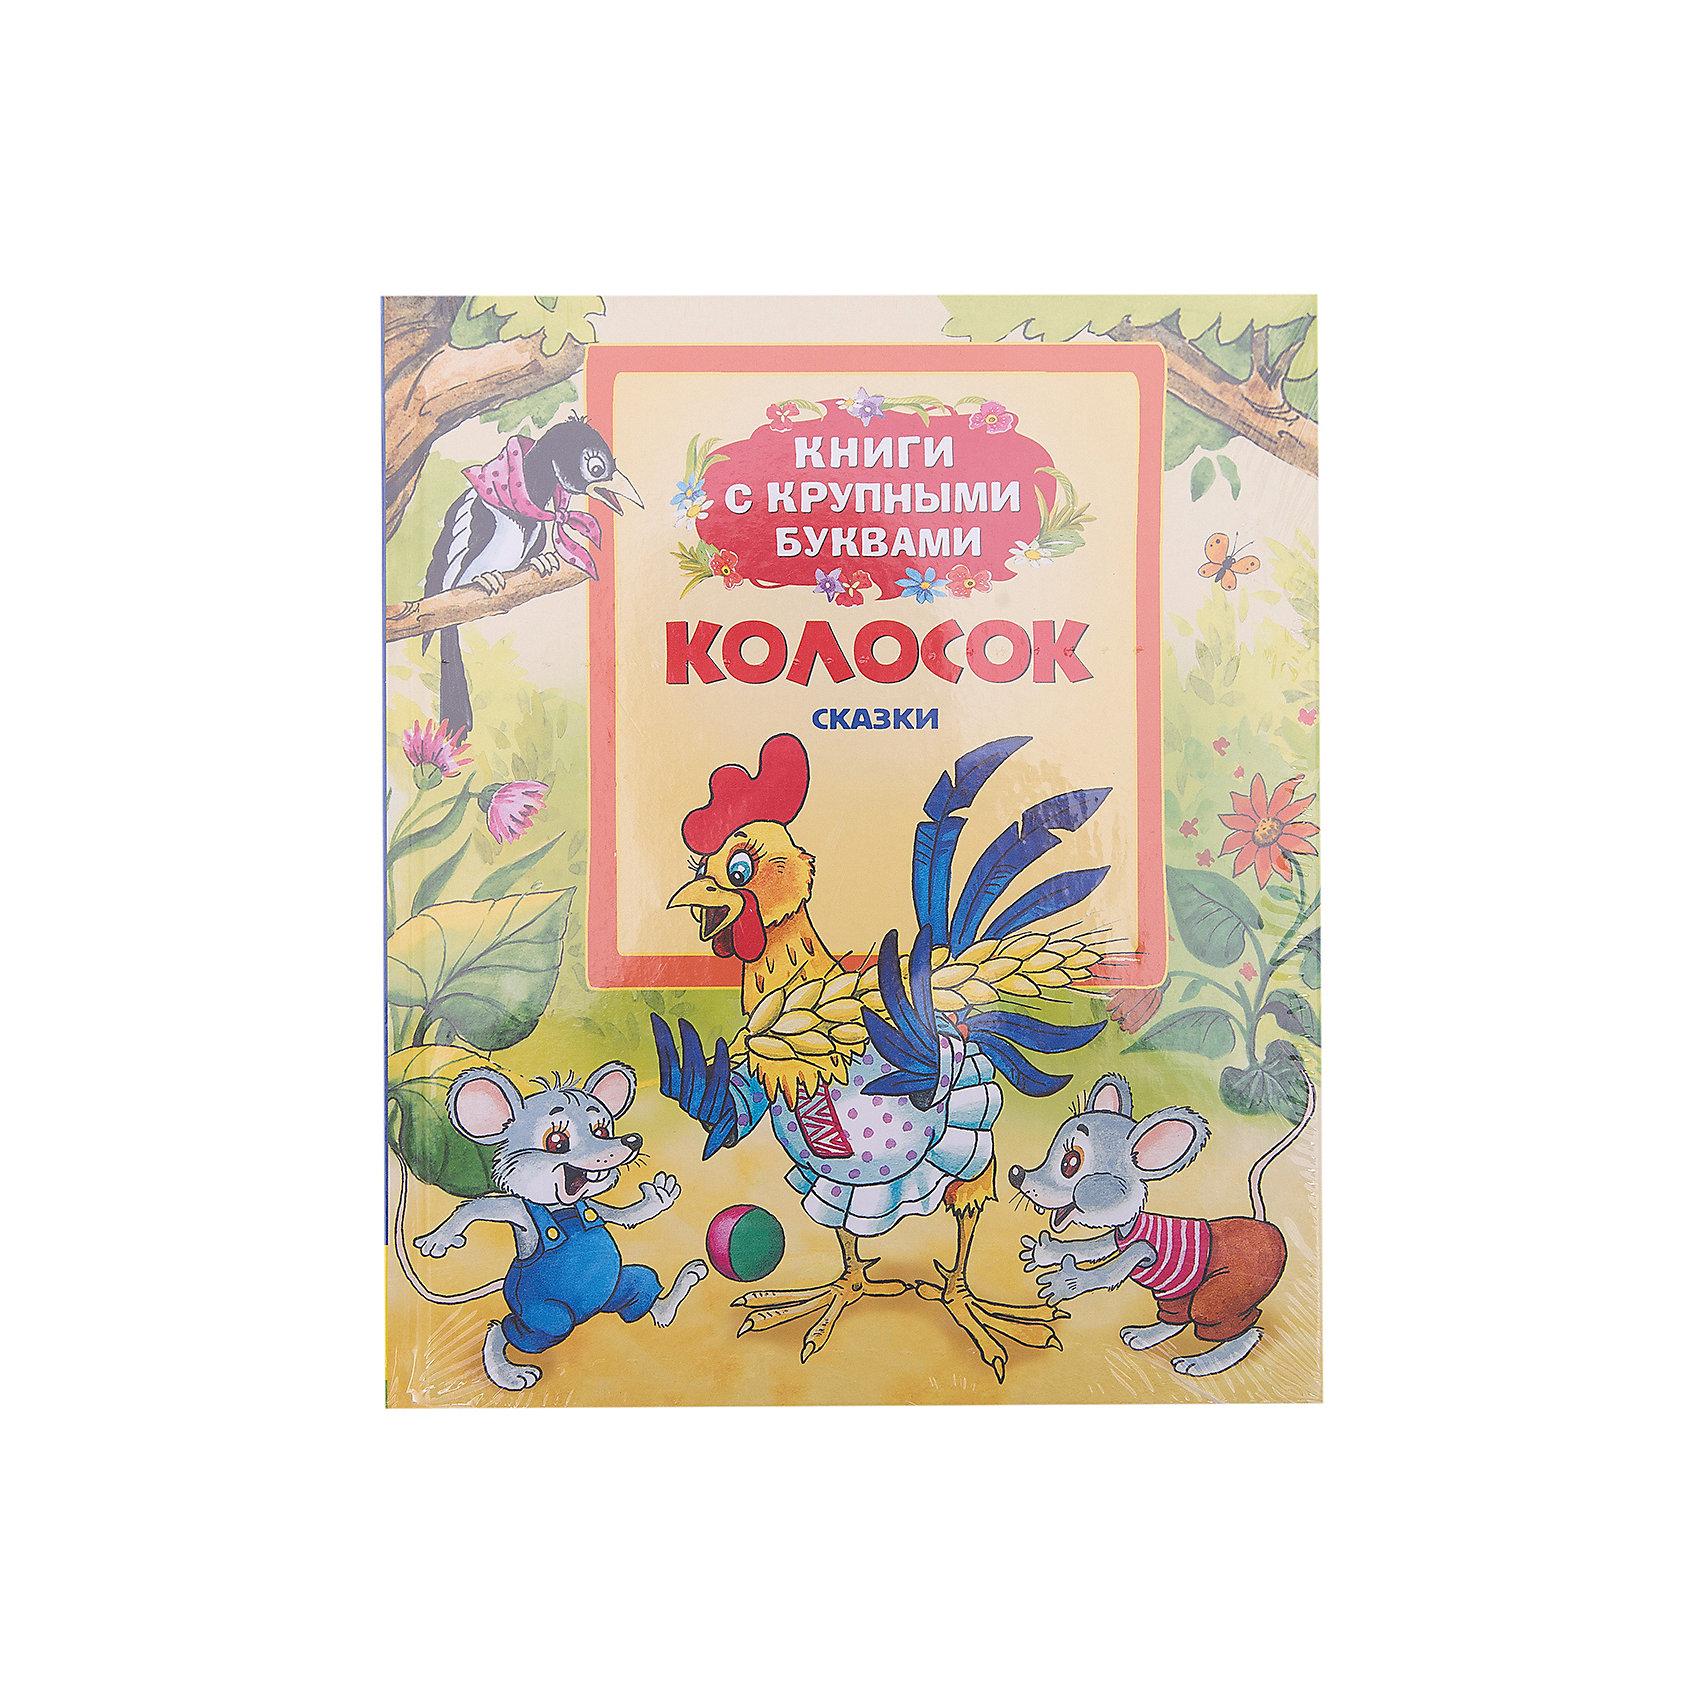 Росмэн Книга с крупными буквами Колосок художественные книги росмэн книга кротик любимые истории